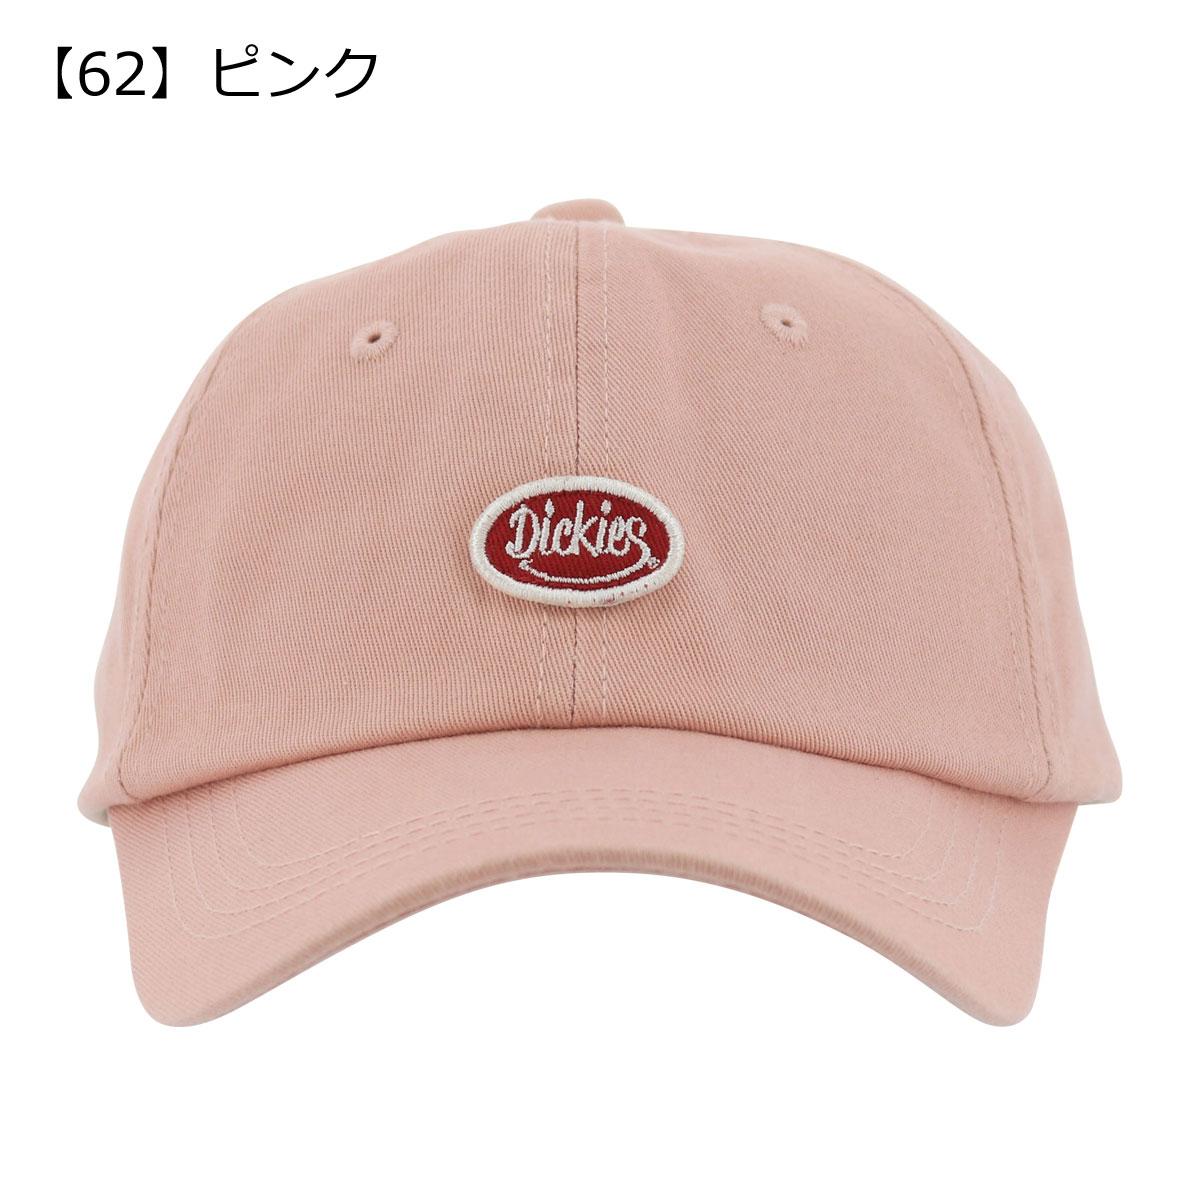 【62】ピンク